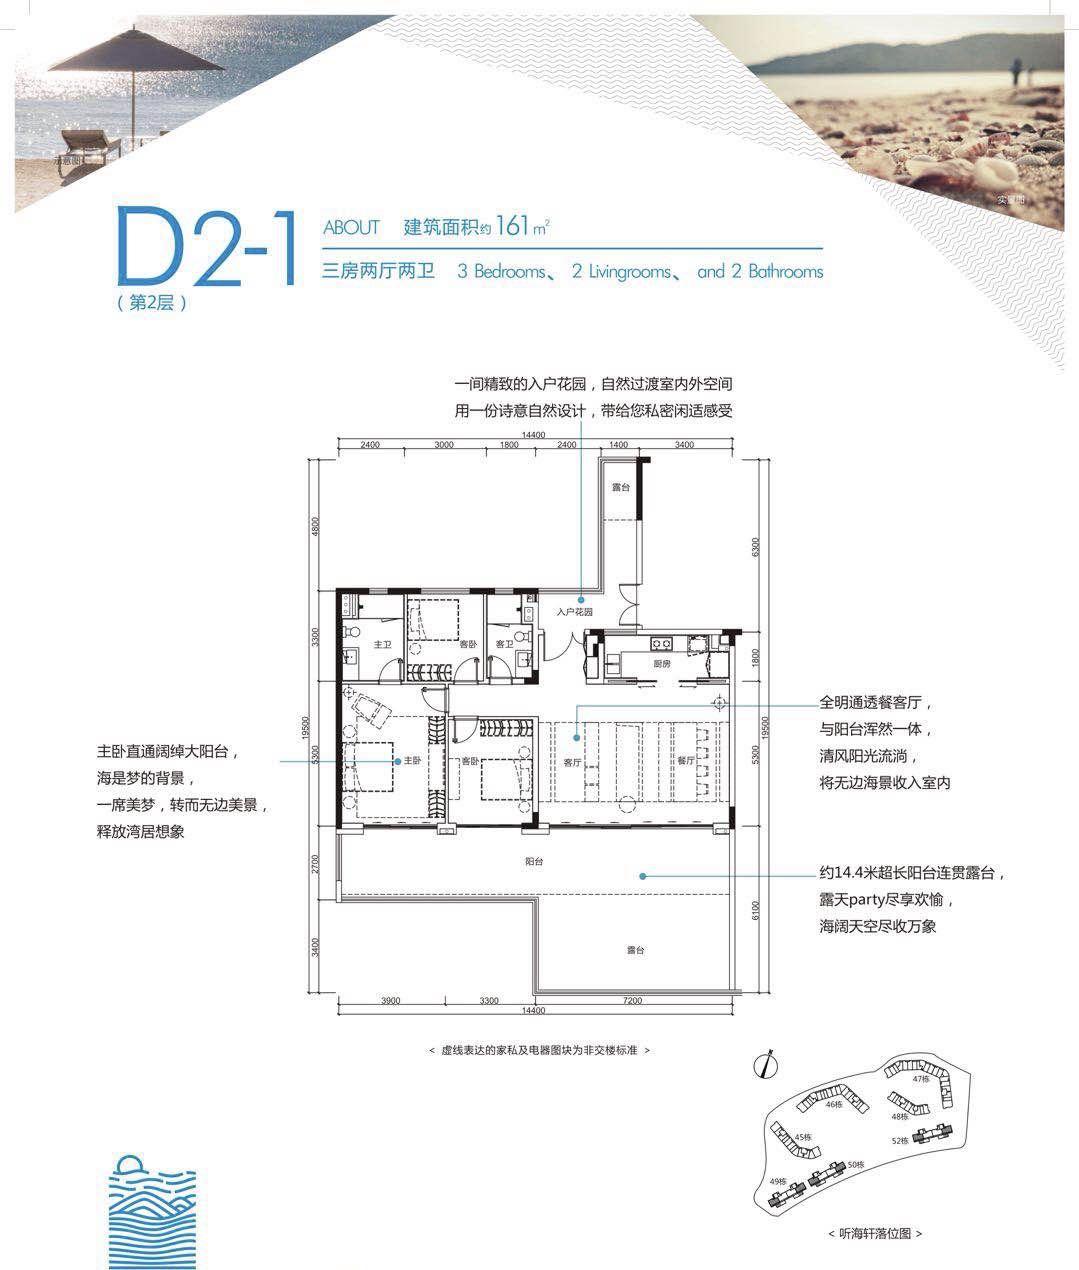 惠州海景房